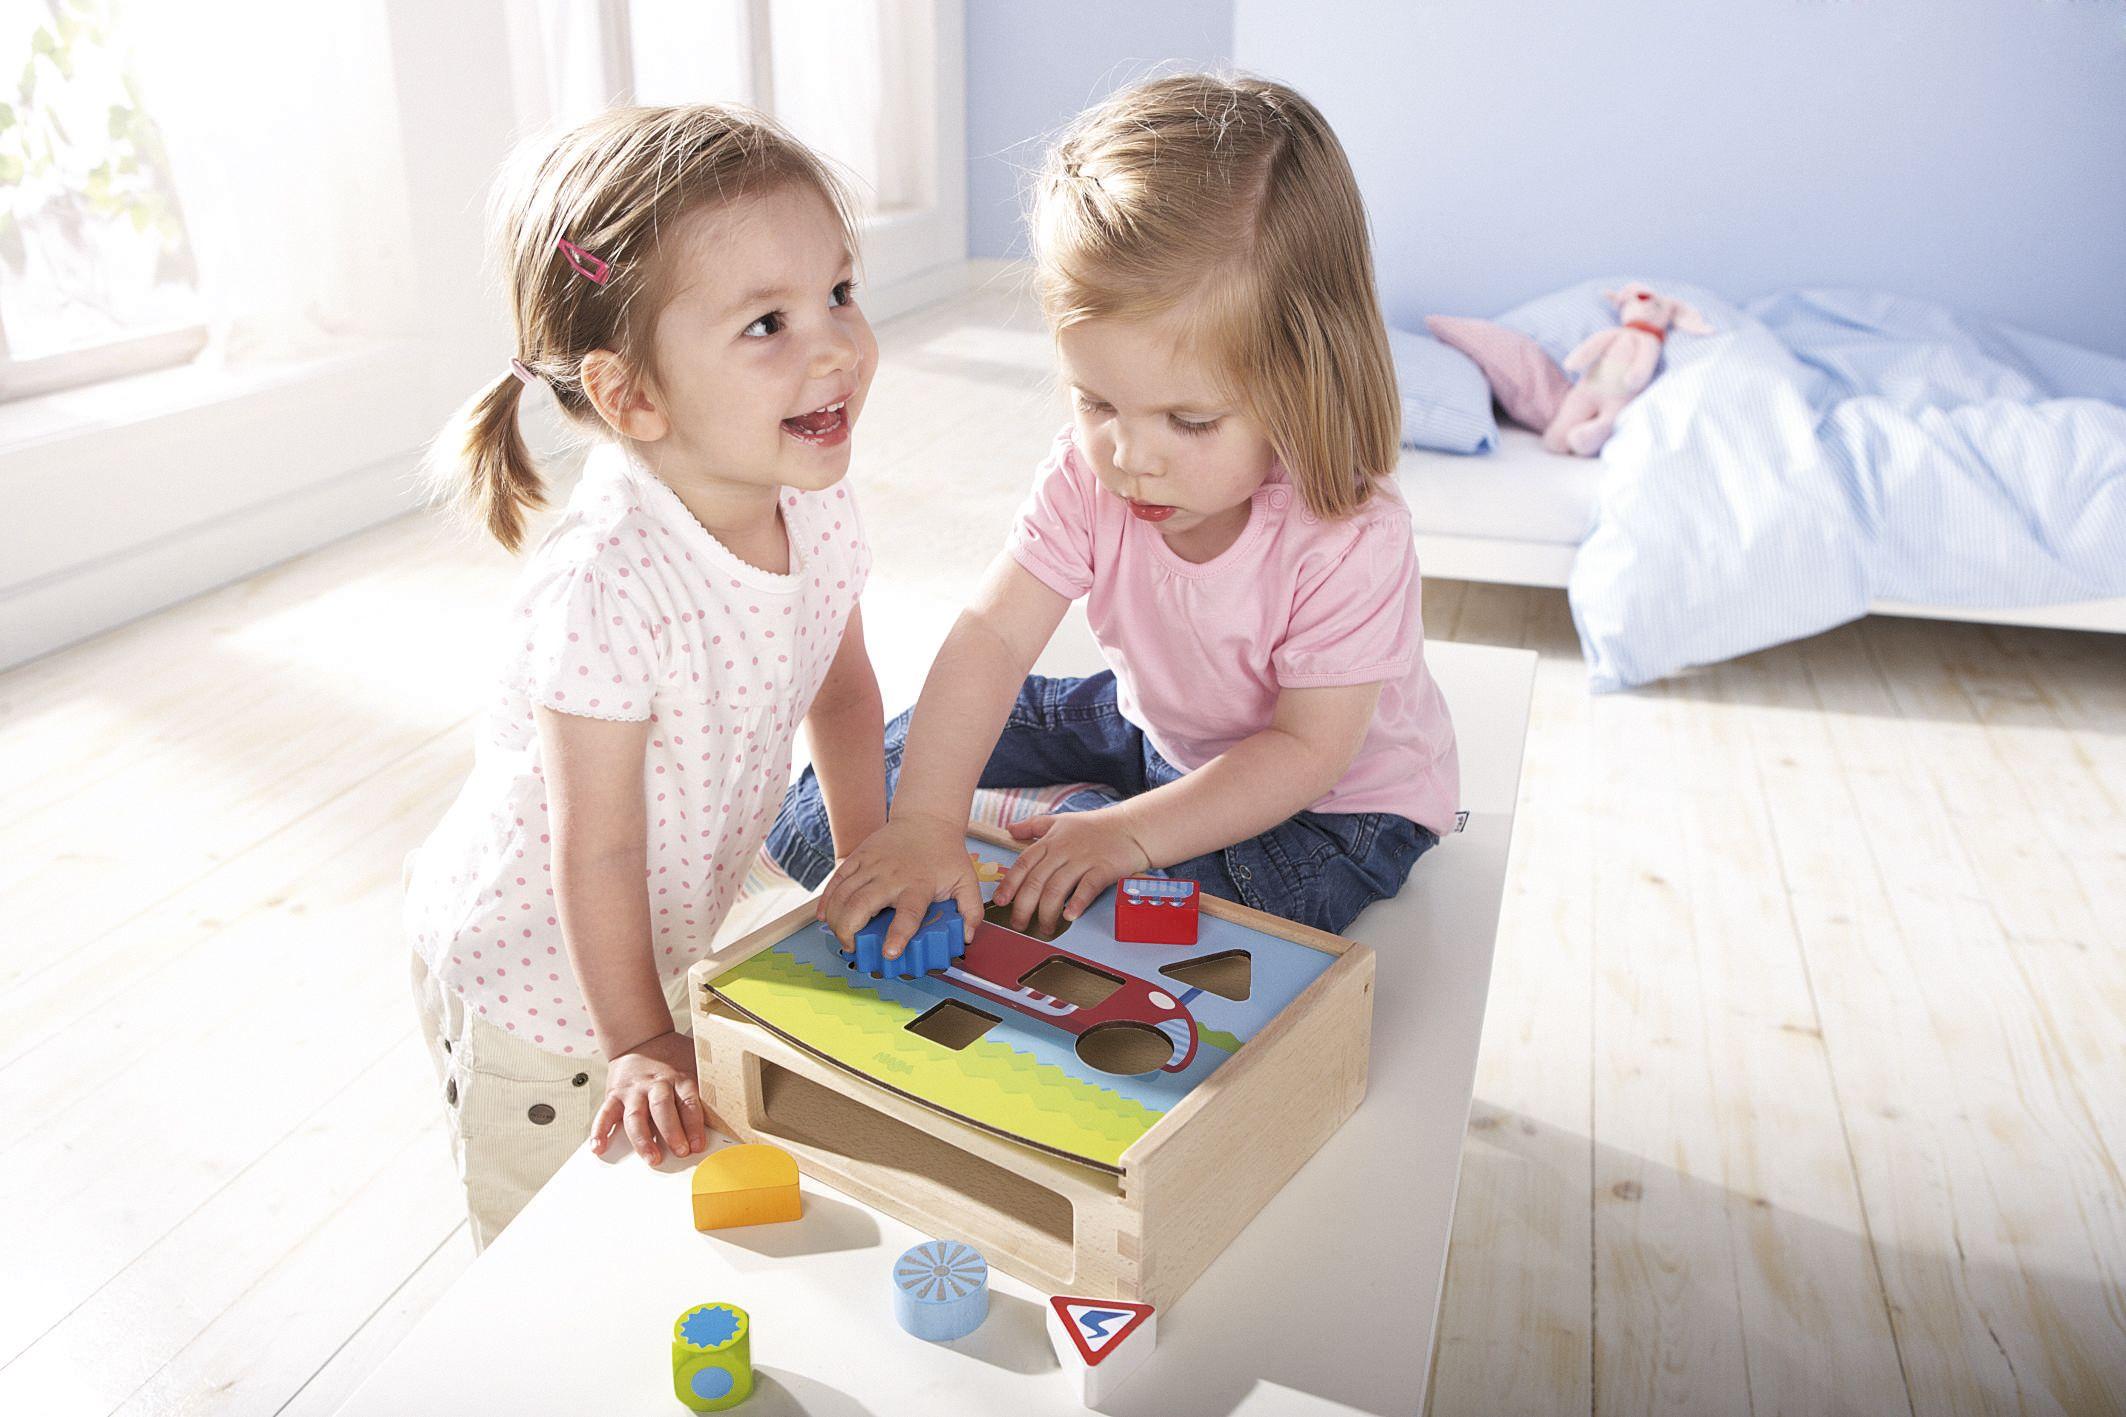 """Sortierbox """"Flotte Flitzer"""" - Was passt wo? Diese Sortierbox ist toll für alle, die flotte Flitzer mögen. Die Kinder können die Holzsteine durch die passenden Löcher stecken, die Farben zuordnen und viele Details entdecken. Das Würfelspiel fördert das Erkennen von Formen und bringt zusätzlichen Spielspaß! (Artikelnummer 5673)"""